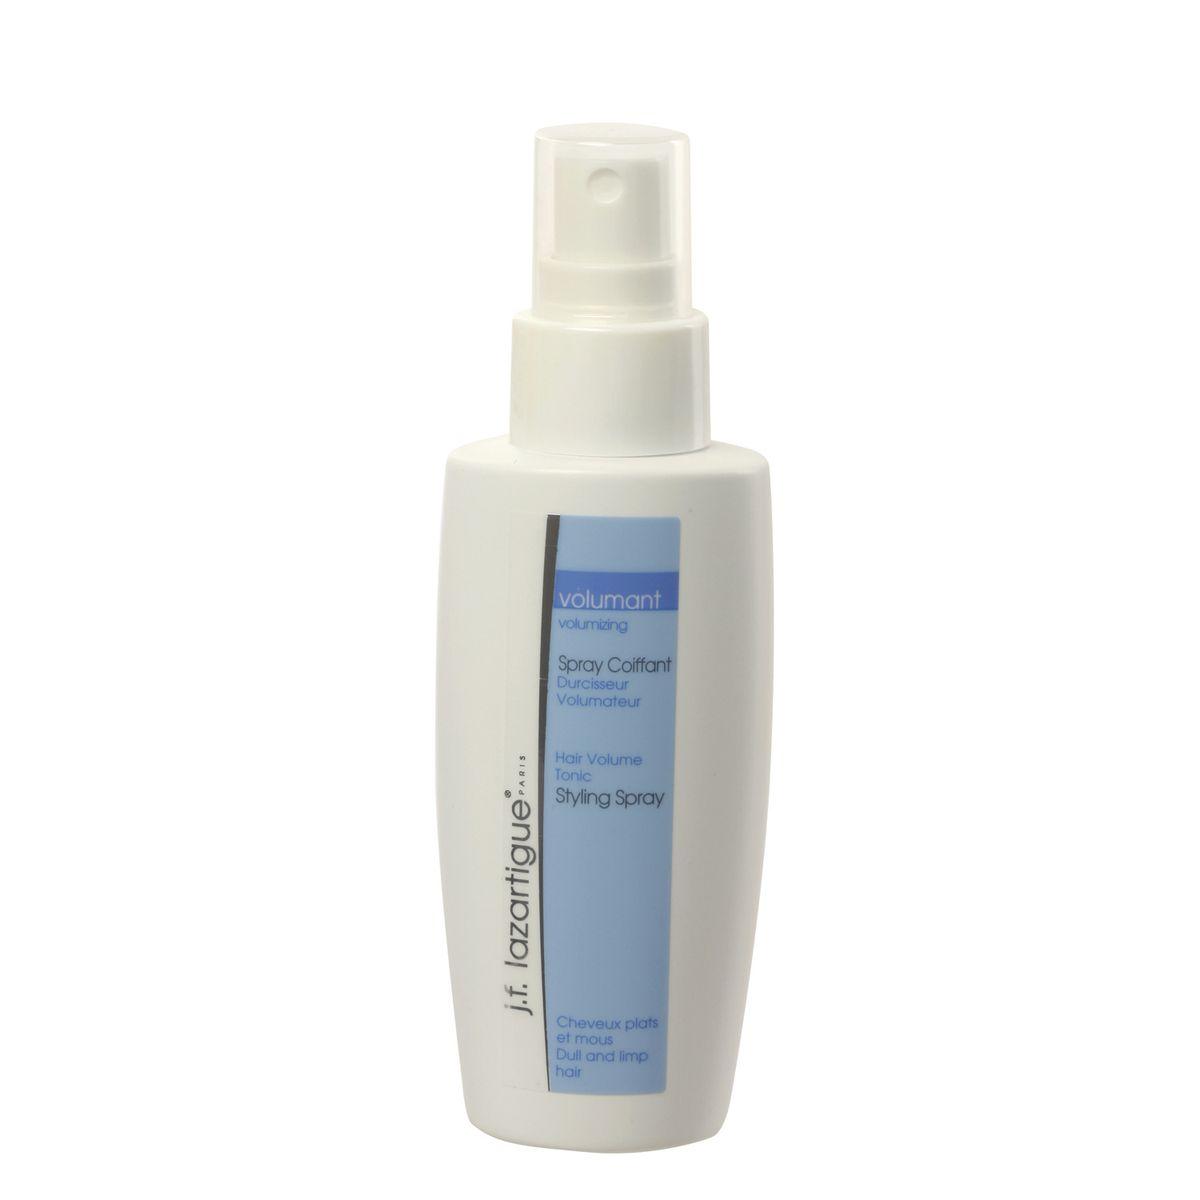 J.F.Lazartigue Тоник-спрей для придания объема 100 мл01521Незаменимый продукт для очень редких, тонких и прилизанных волос. Придает прическе объем и форму, а волосам – блеск. Действие тоника проявляется мгновенно. Укладка держится на протяжении всего дня, волосы остаются блестящими и шелковистыми, меньше электризуются. Основу средства составляют компоненты, которые увеличивают толщину волос, покрывая их сверкающей защитной оболочкой.